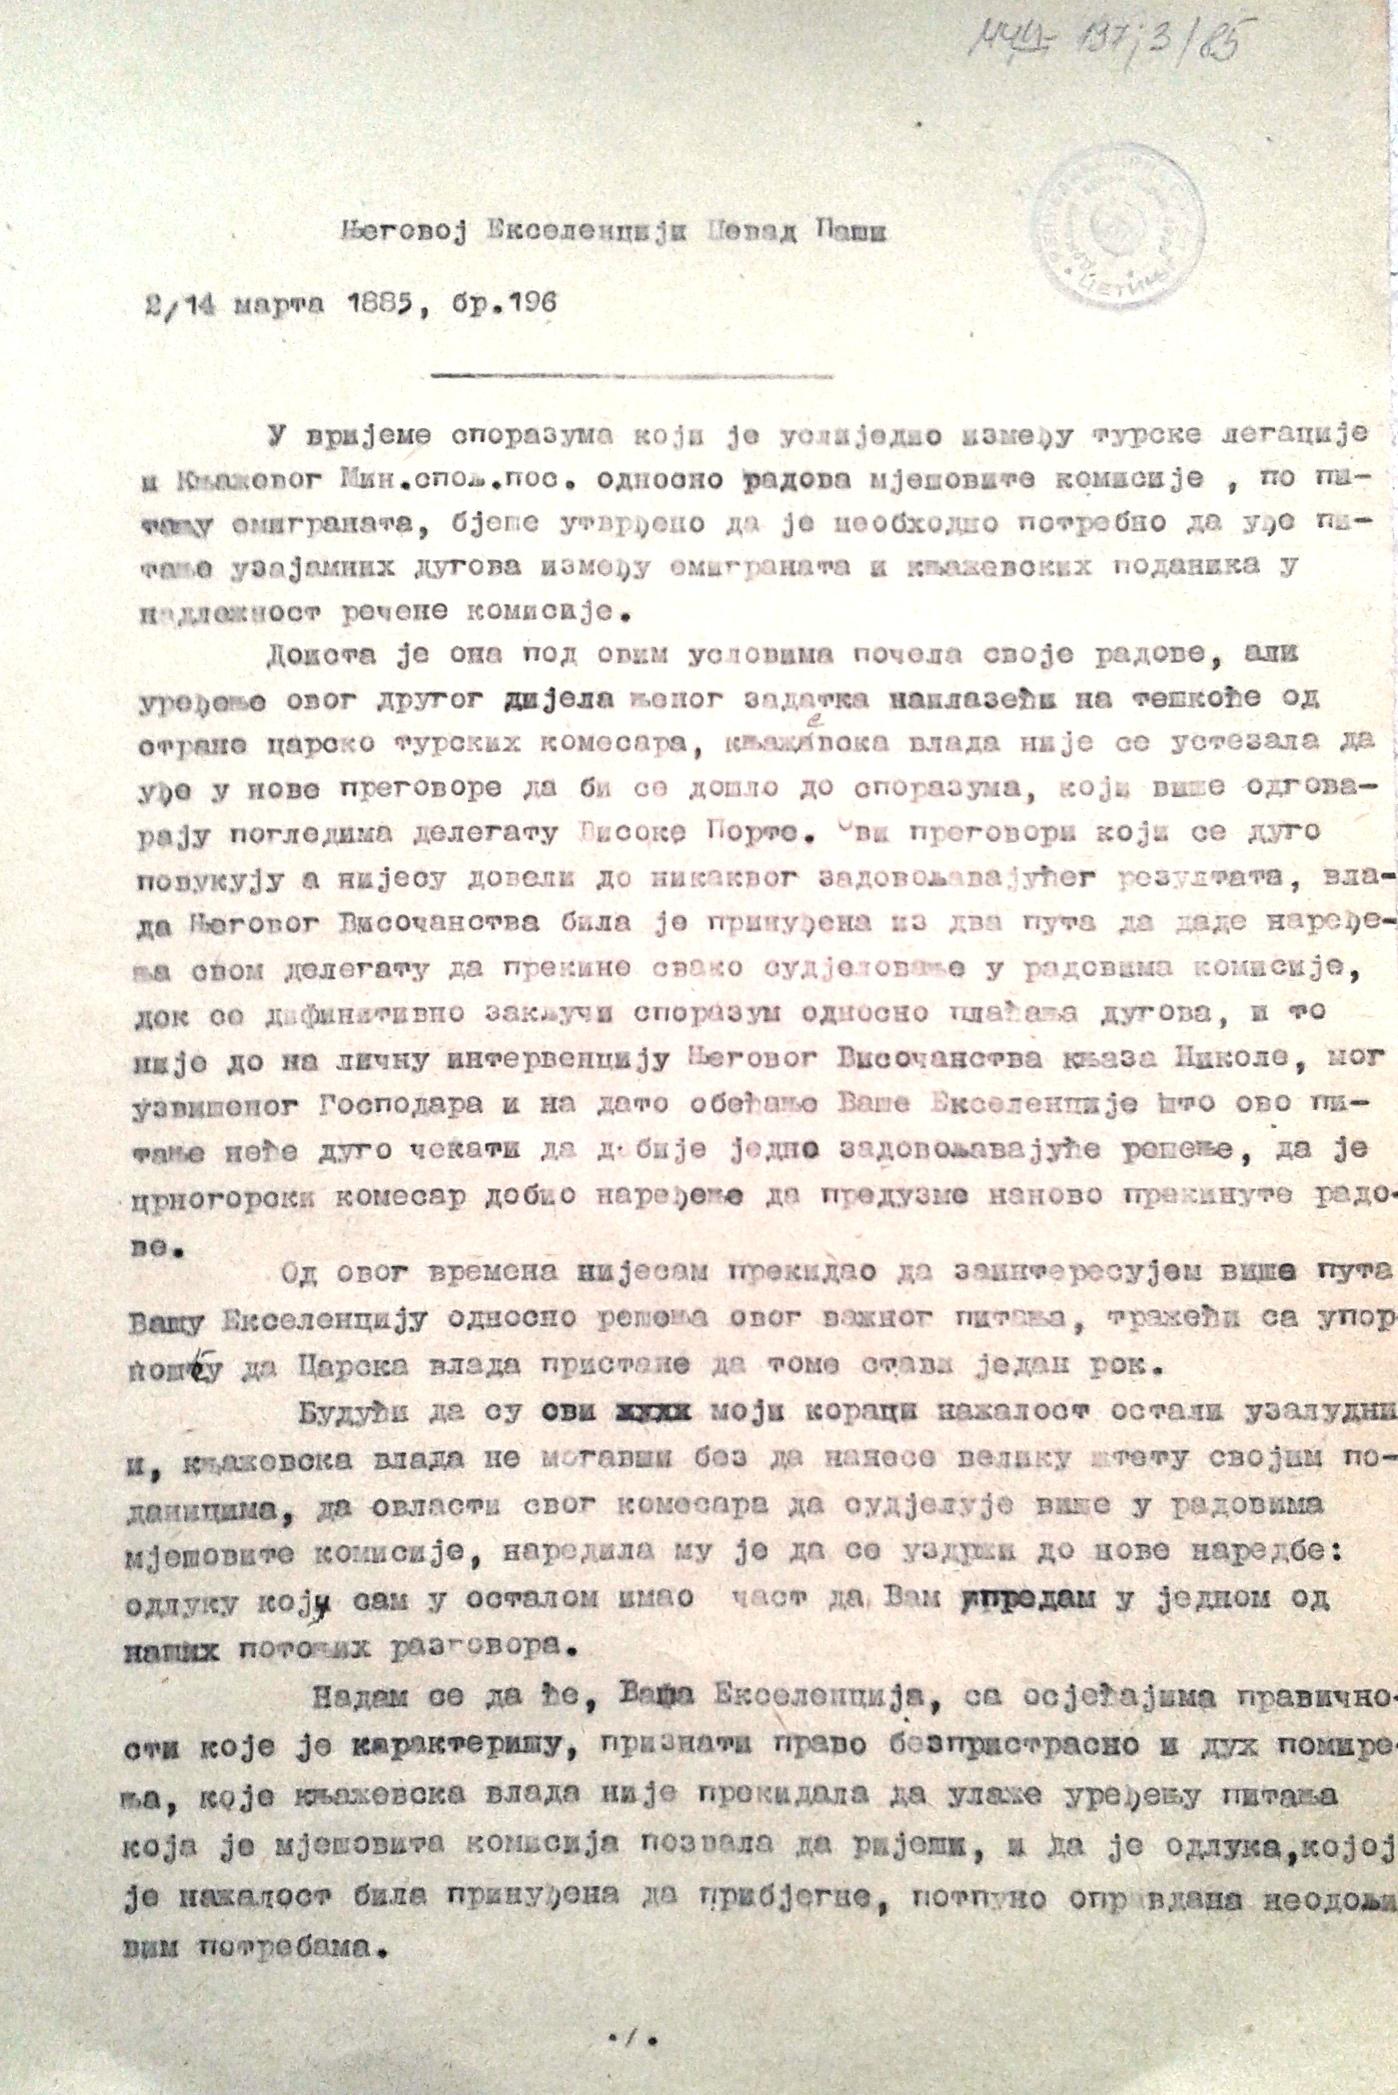 Pismo knjazevske vlade turskom poslaniku na Cetinju Dzevad pasi u vezi sredjivanja odnosa sa turskim iseljenicima 1885. godina